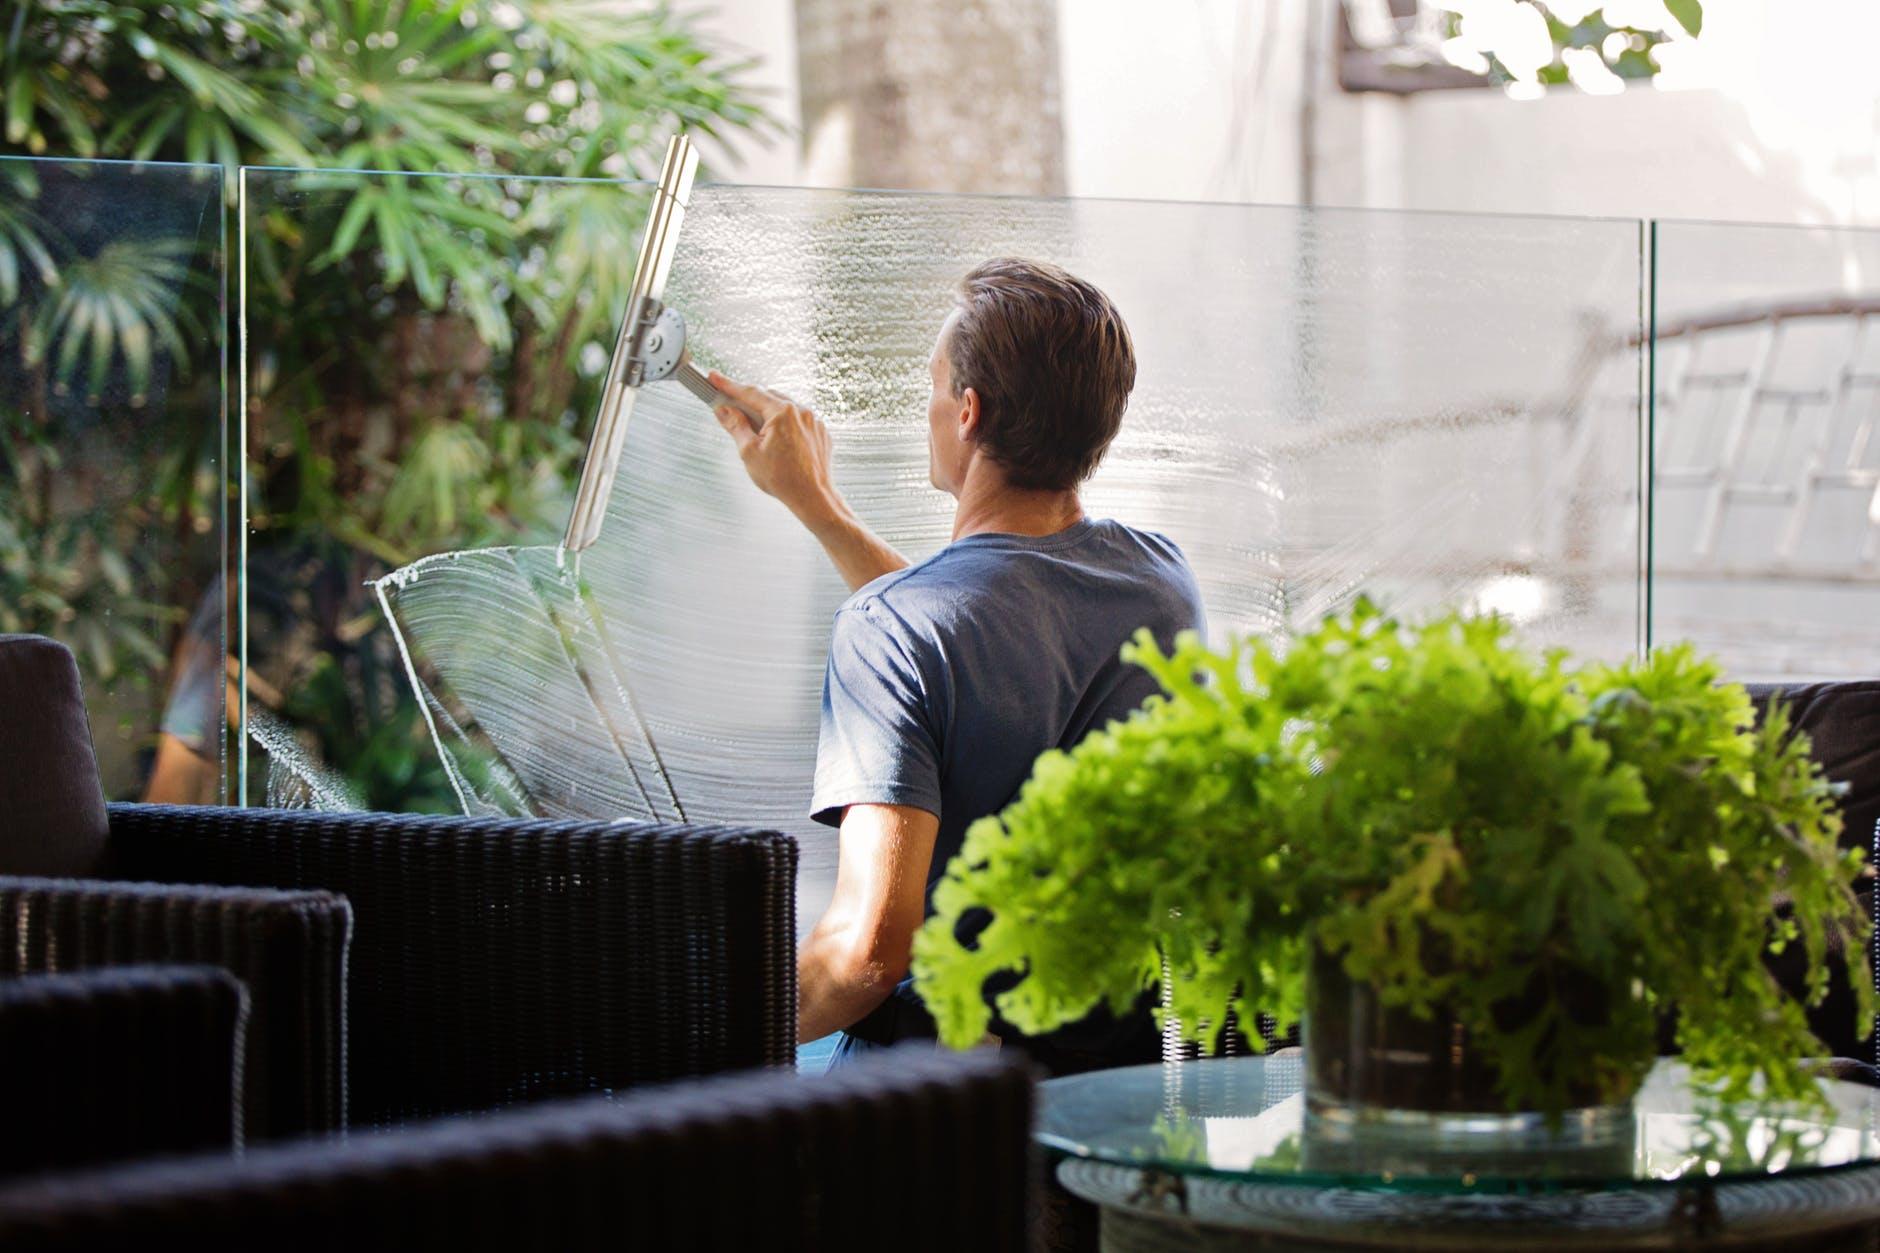 servicio de limpieza de ventanas profesional